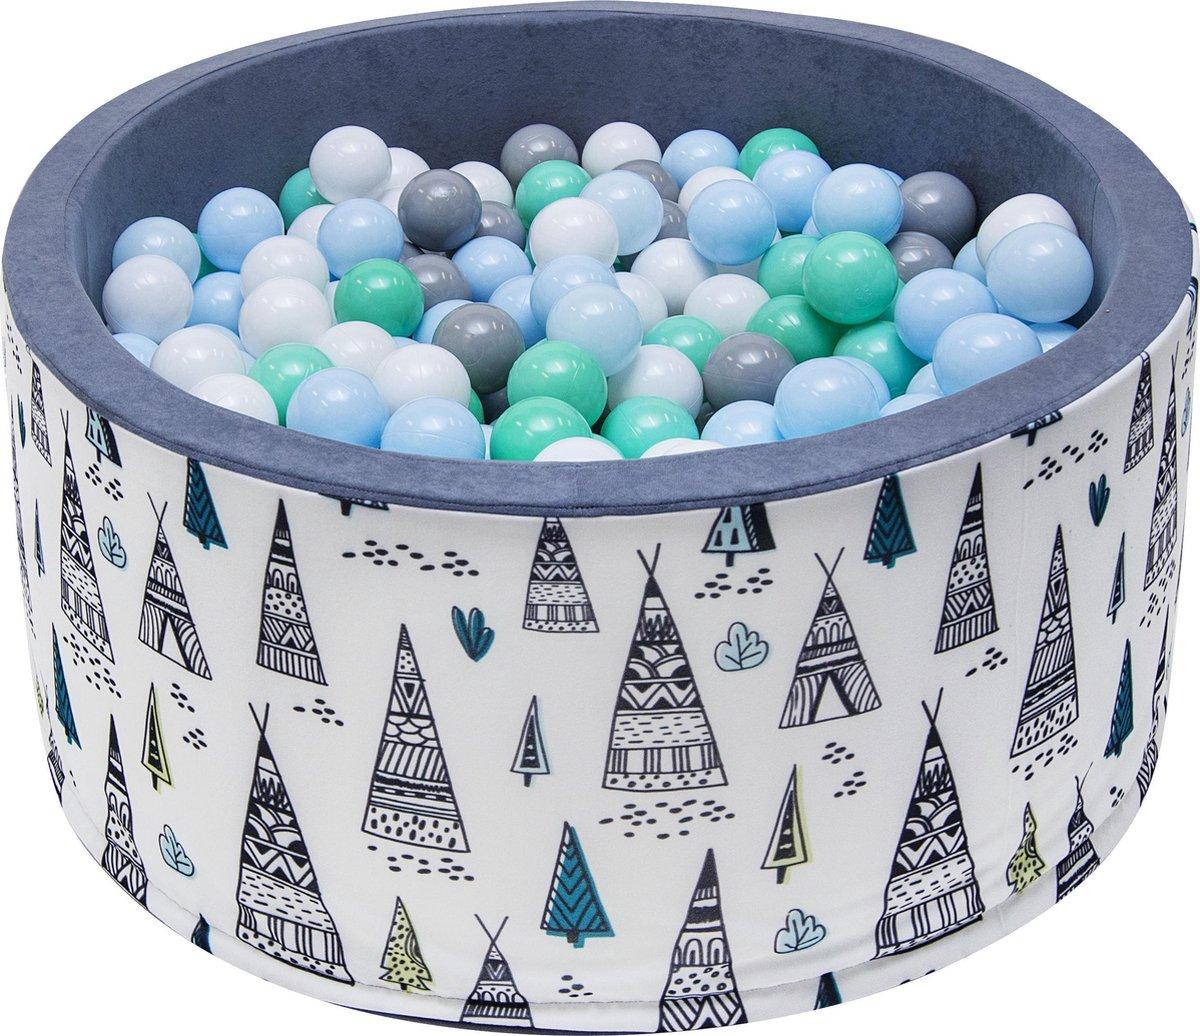 Ballenbak XL incl ballenbak ballen - Tentjes